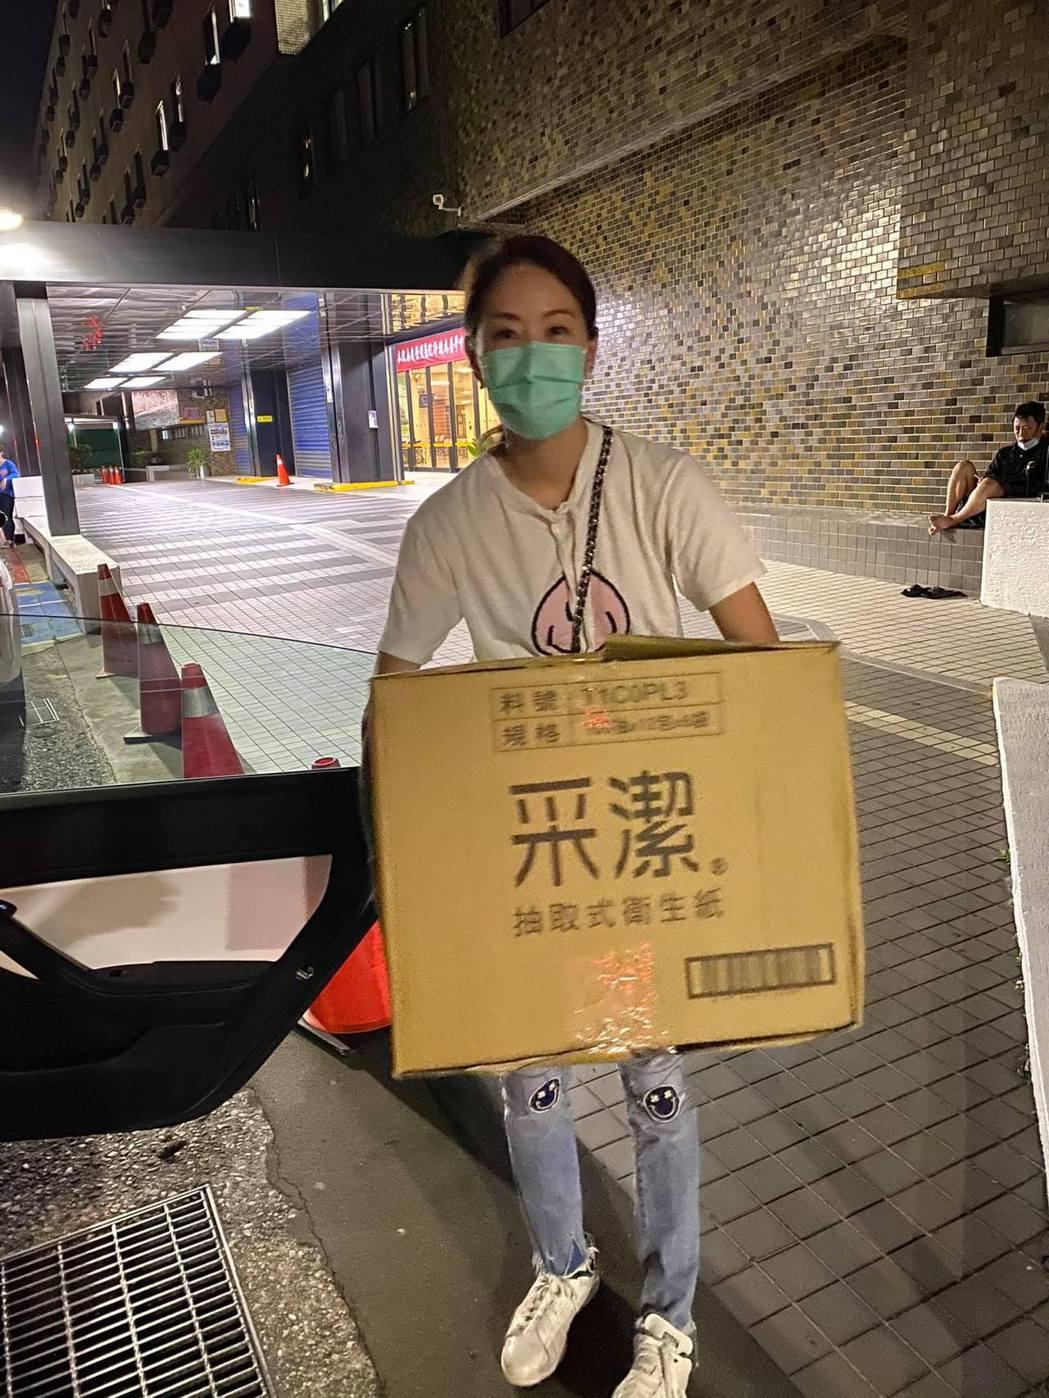 賈永婕的善舉獲得外界廣大迴響。圖/摘自臉書